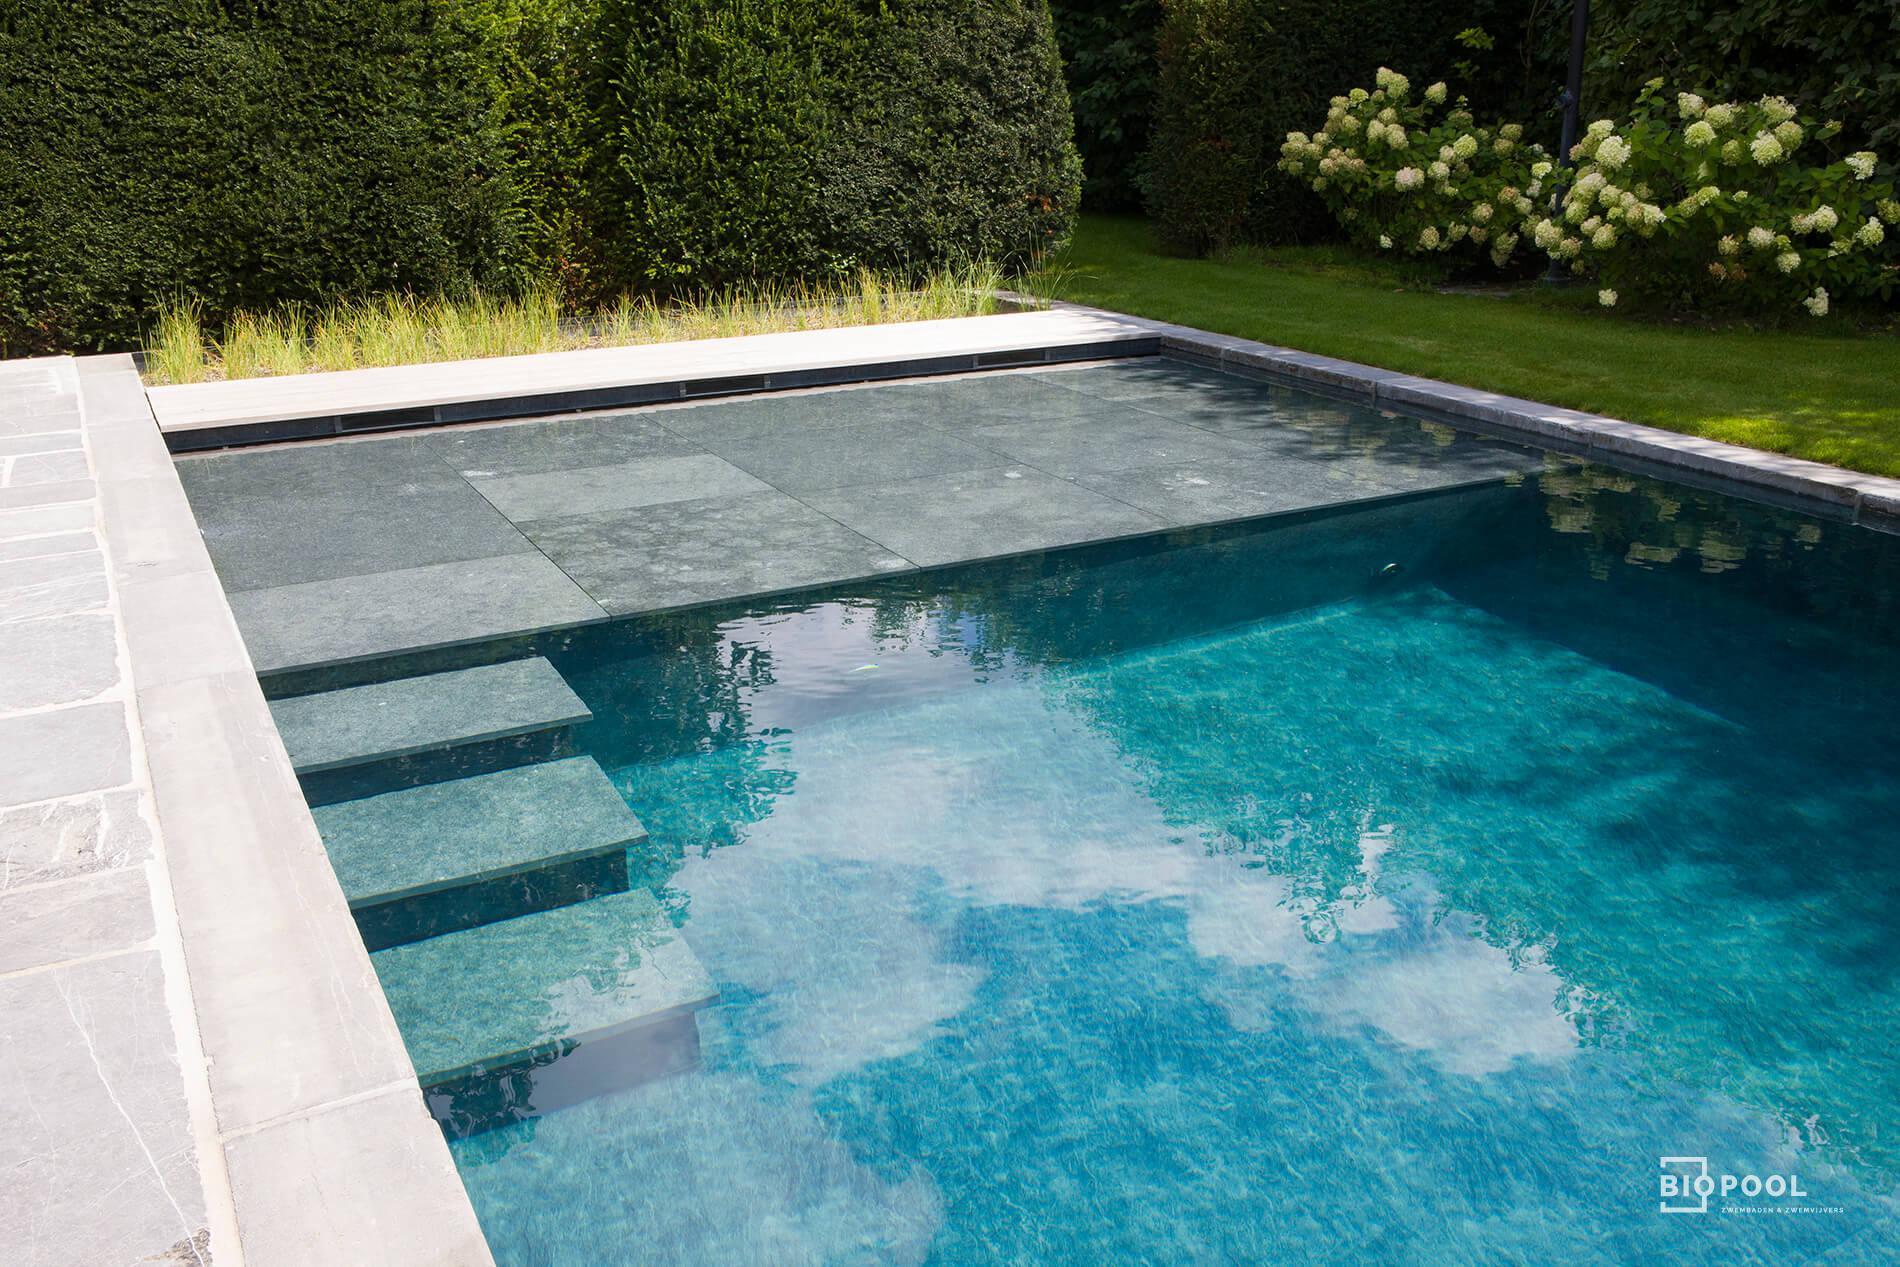 Afbeelding project Bouwkundig | Ombouwing van zwemvijver naar een Biopool zwembad